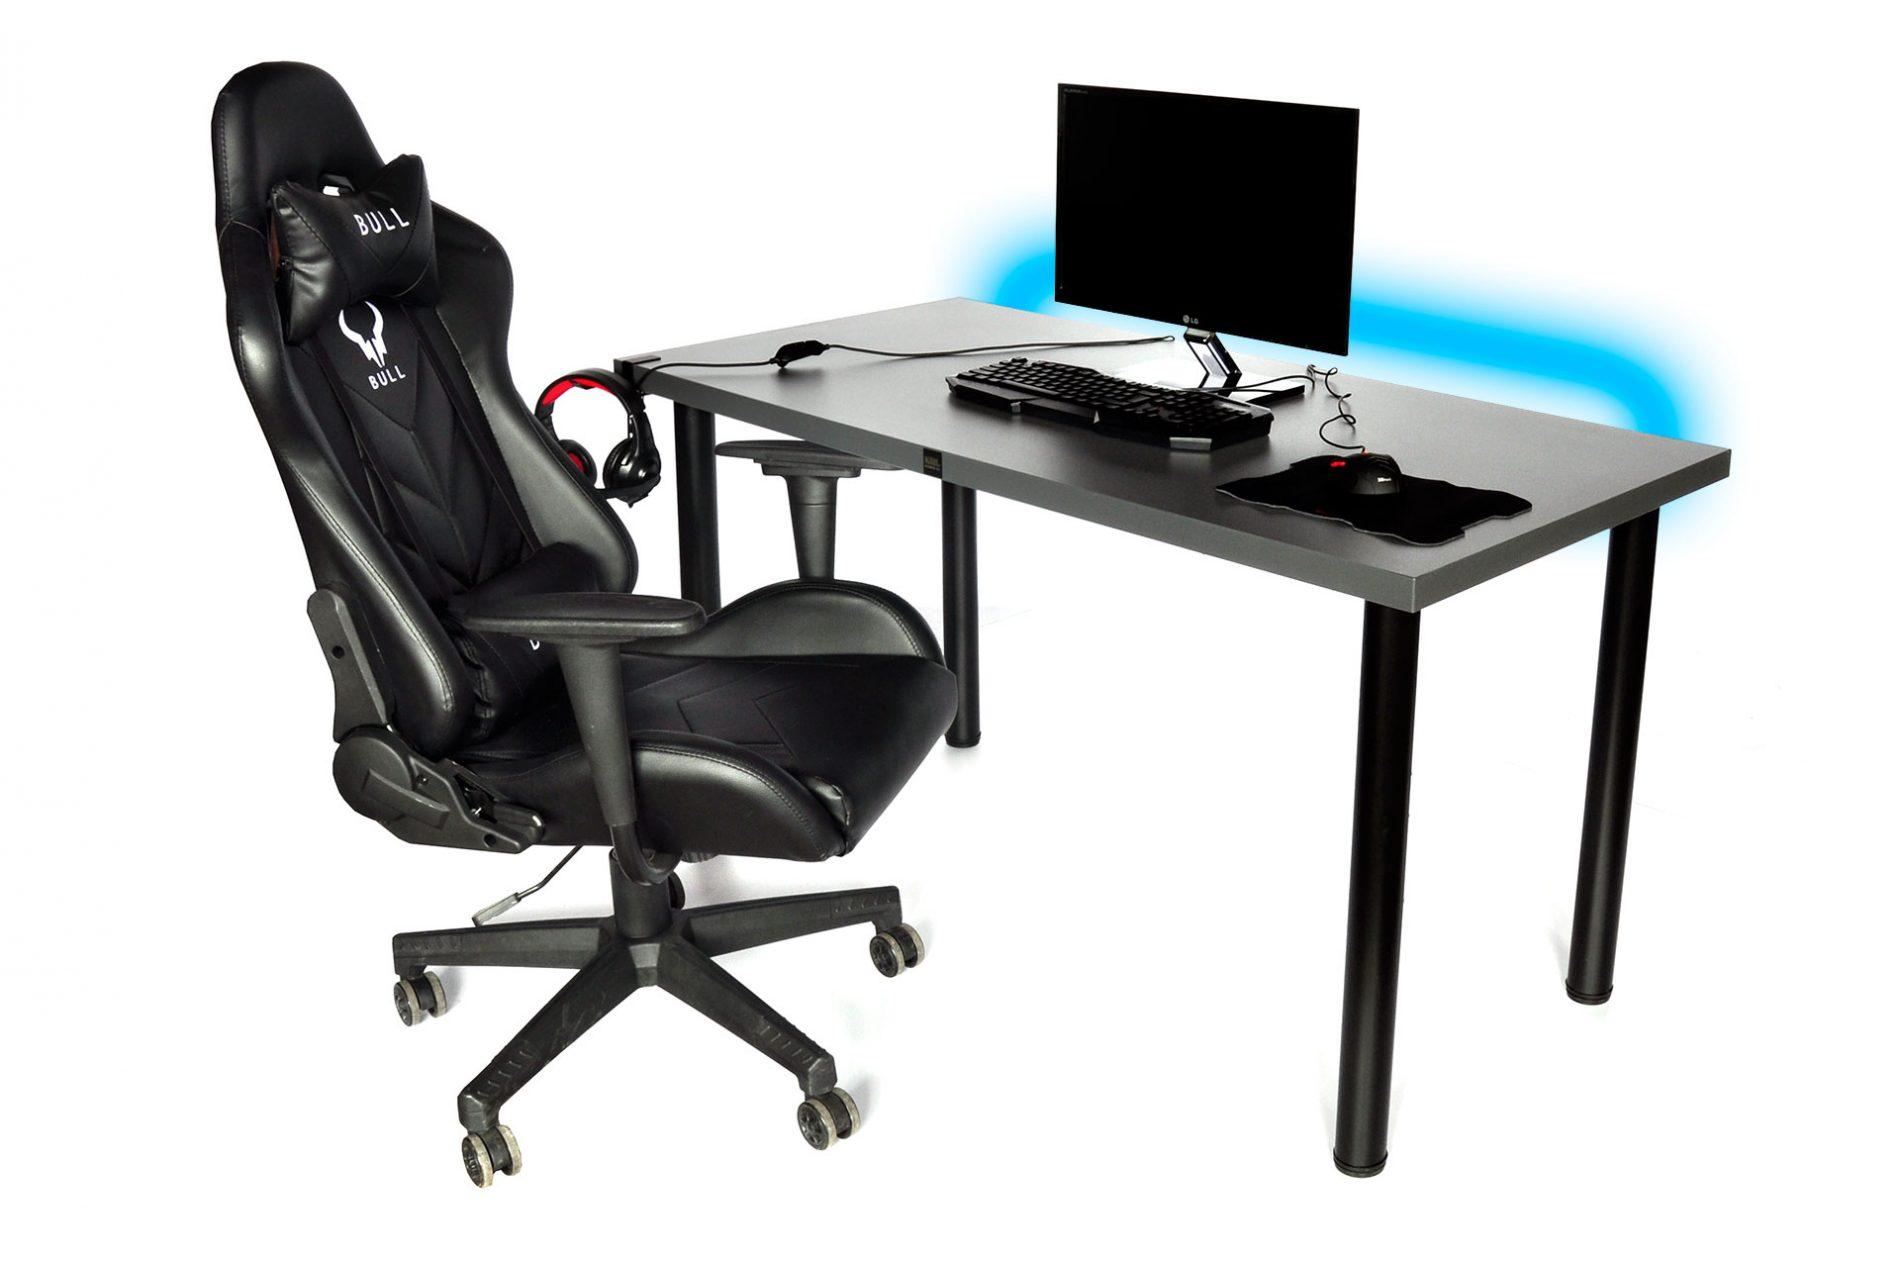 biurko gamingowe pro gamer firmy krl led usb duże